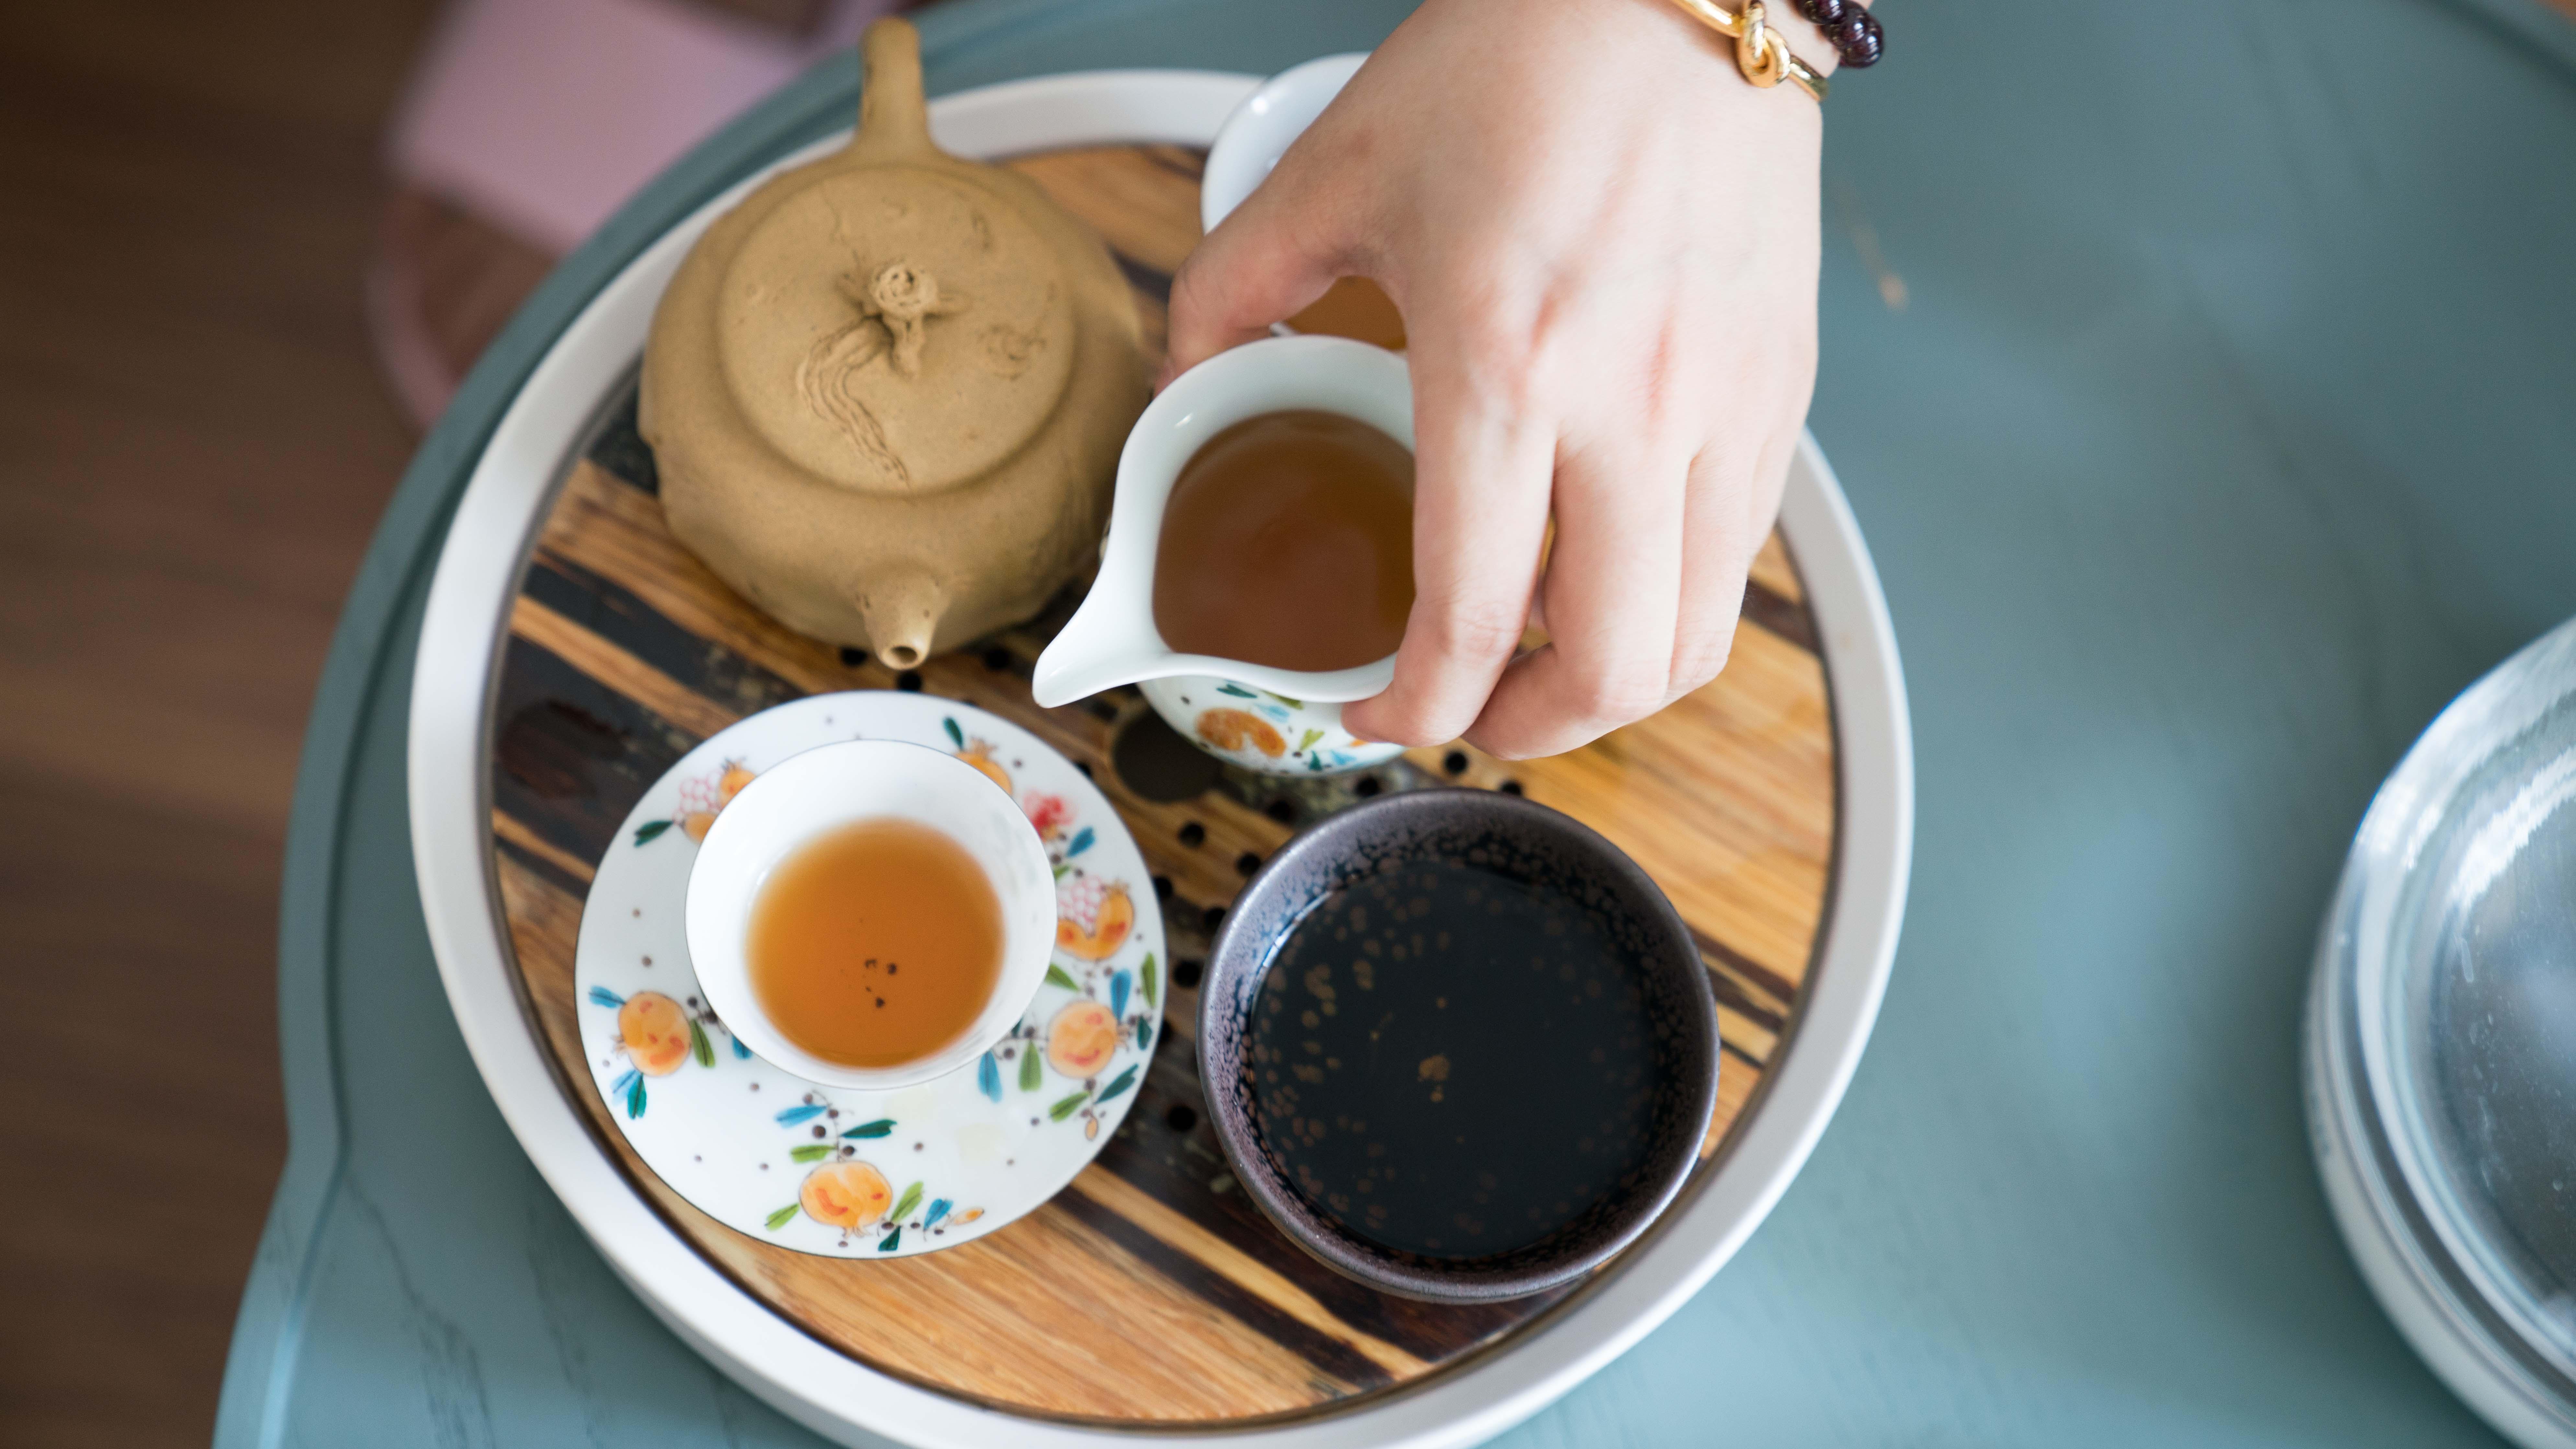 生活家Vol.15   种花泡茶看书下厨,29岁深圳女生的自在小屋